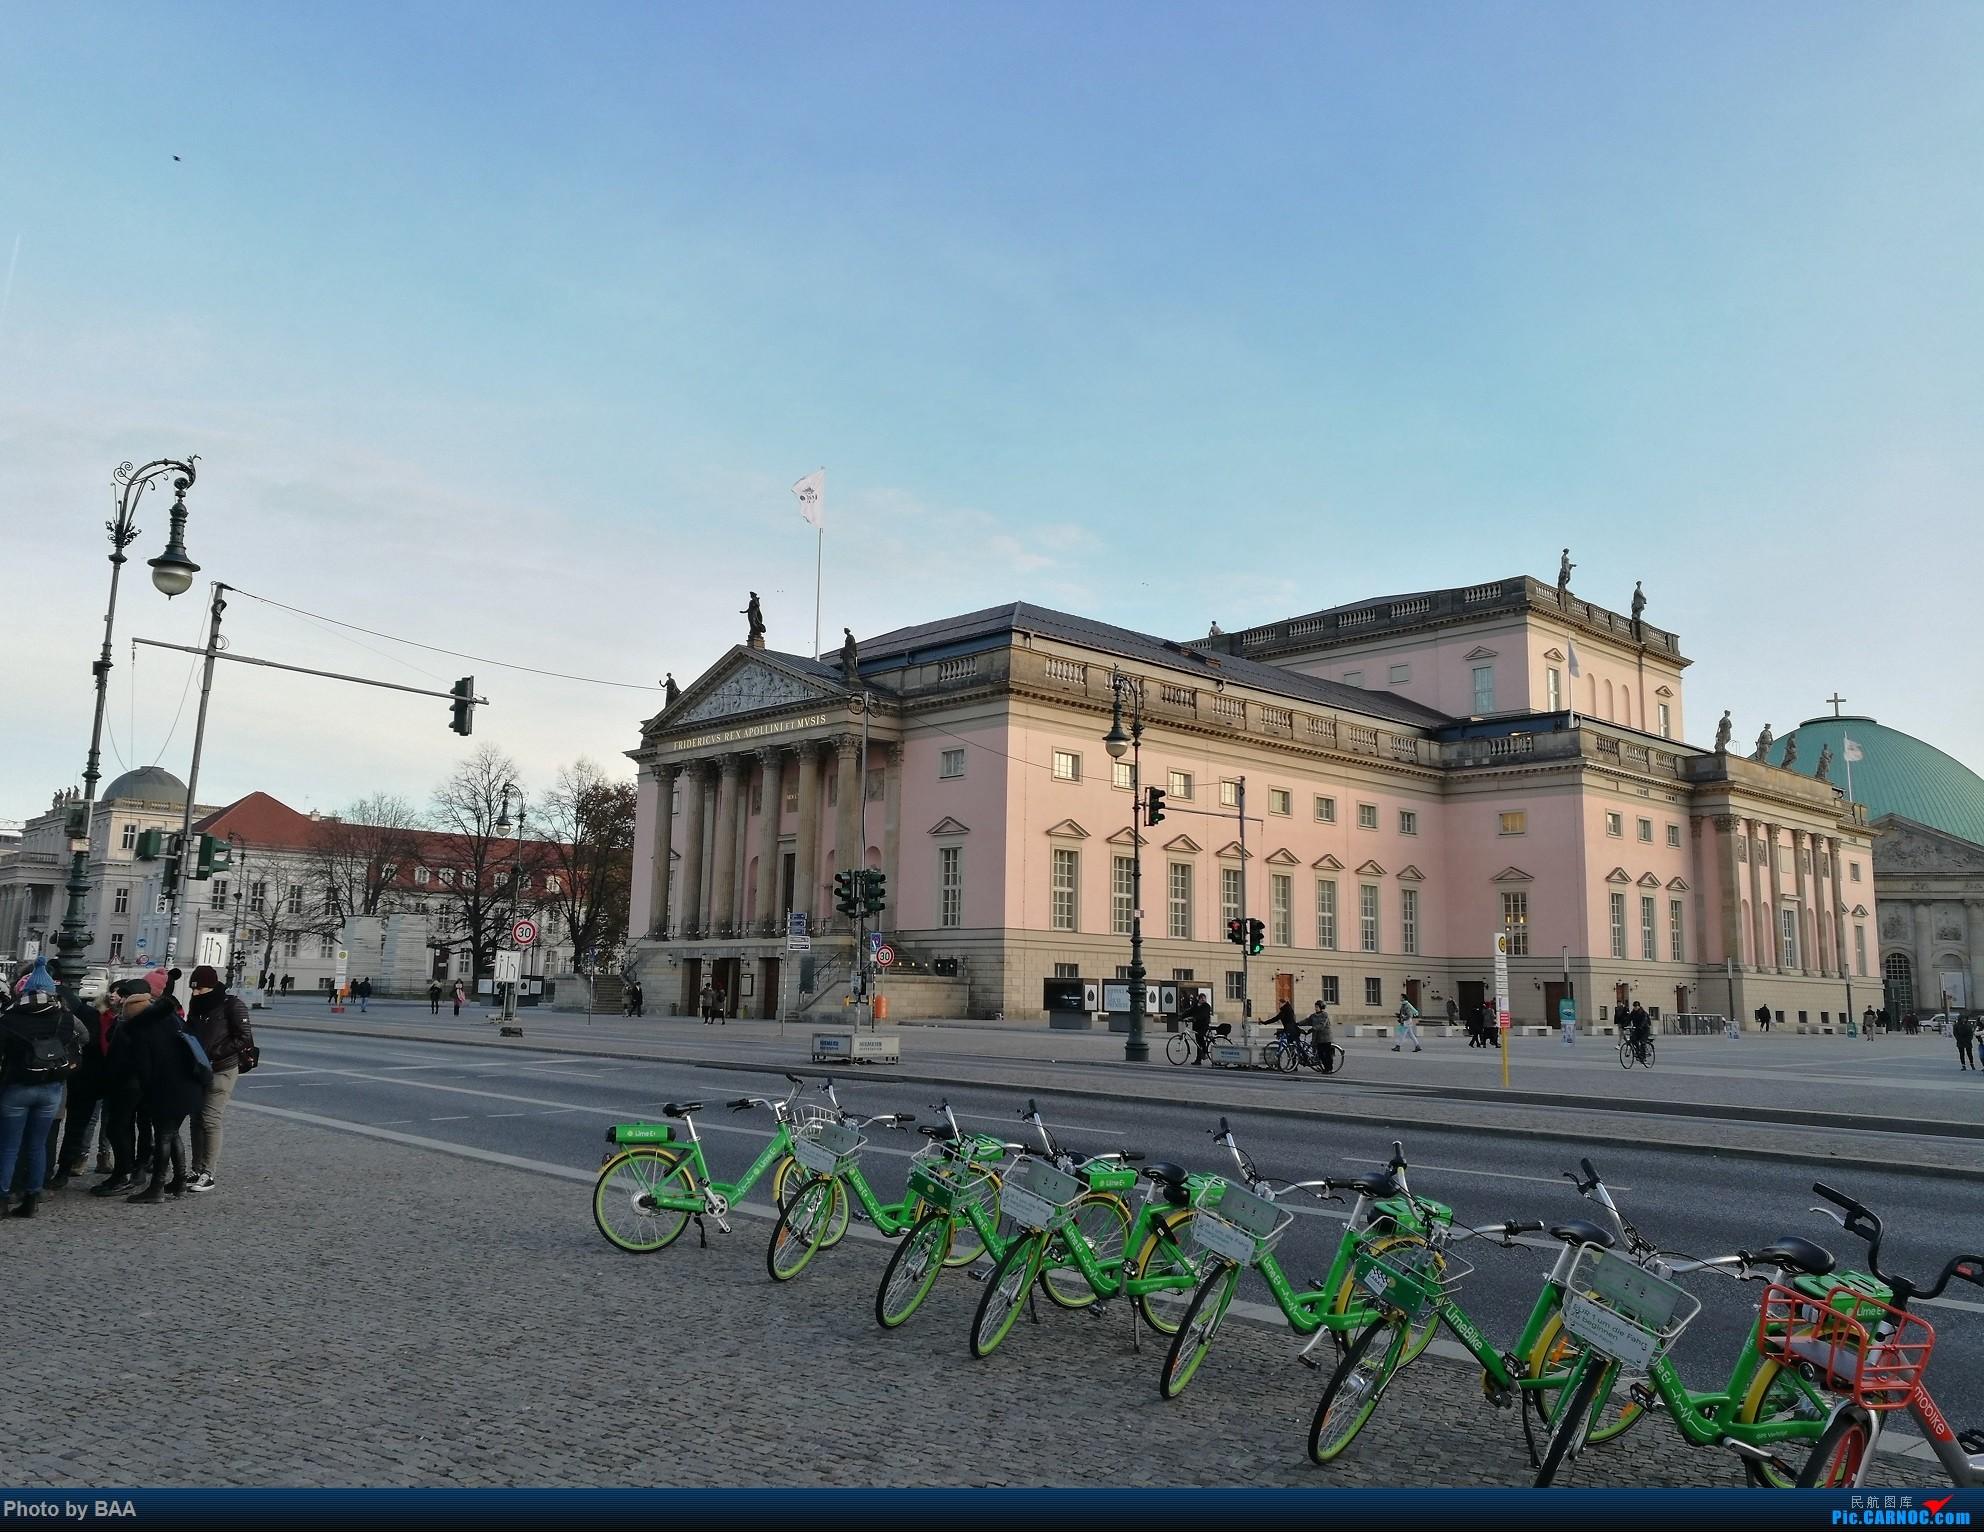 Re:[原创]《带你去旅行》之柏林之旅